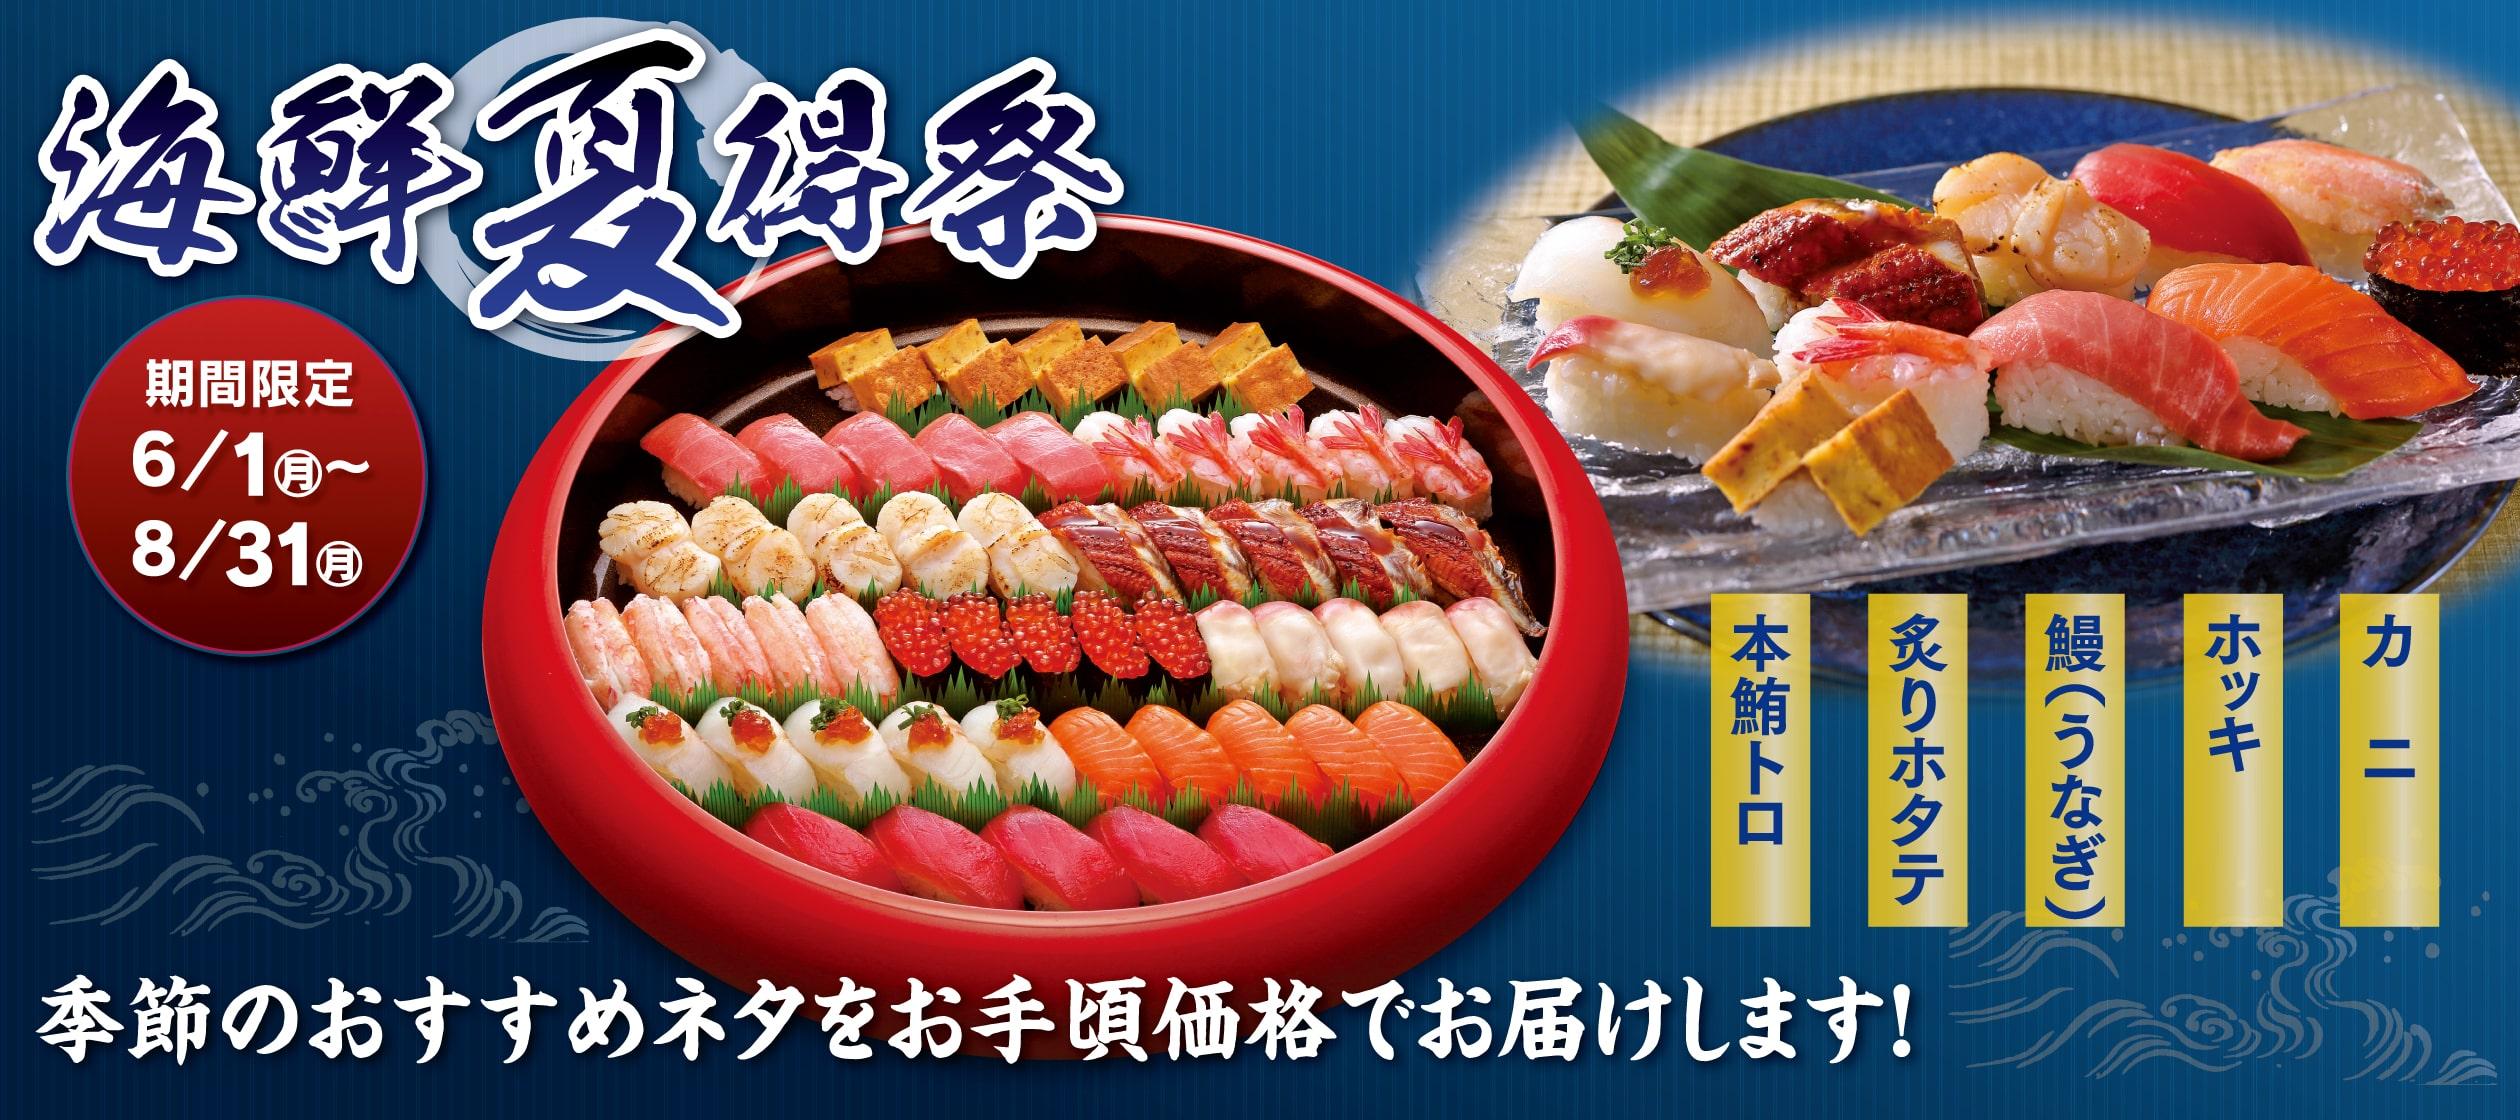 【期間限定】海鮮夏得祭(8/31まで)